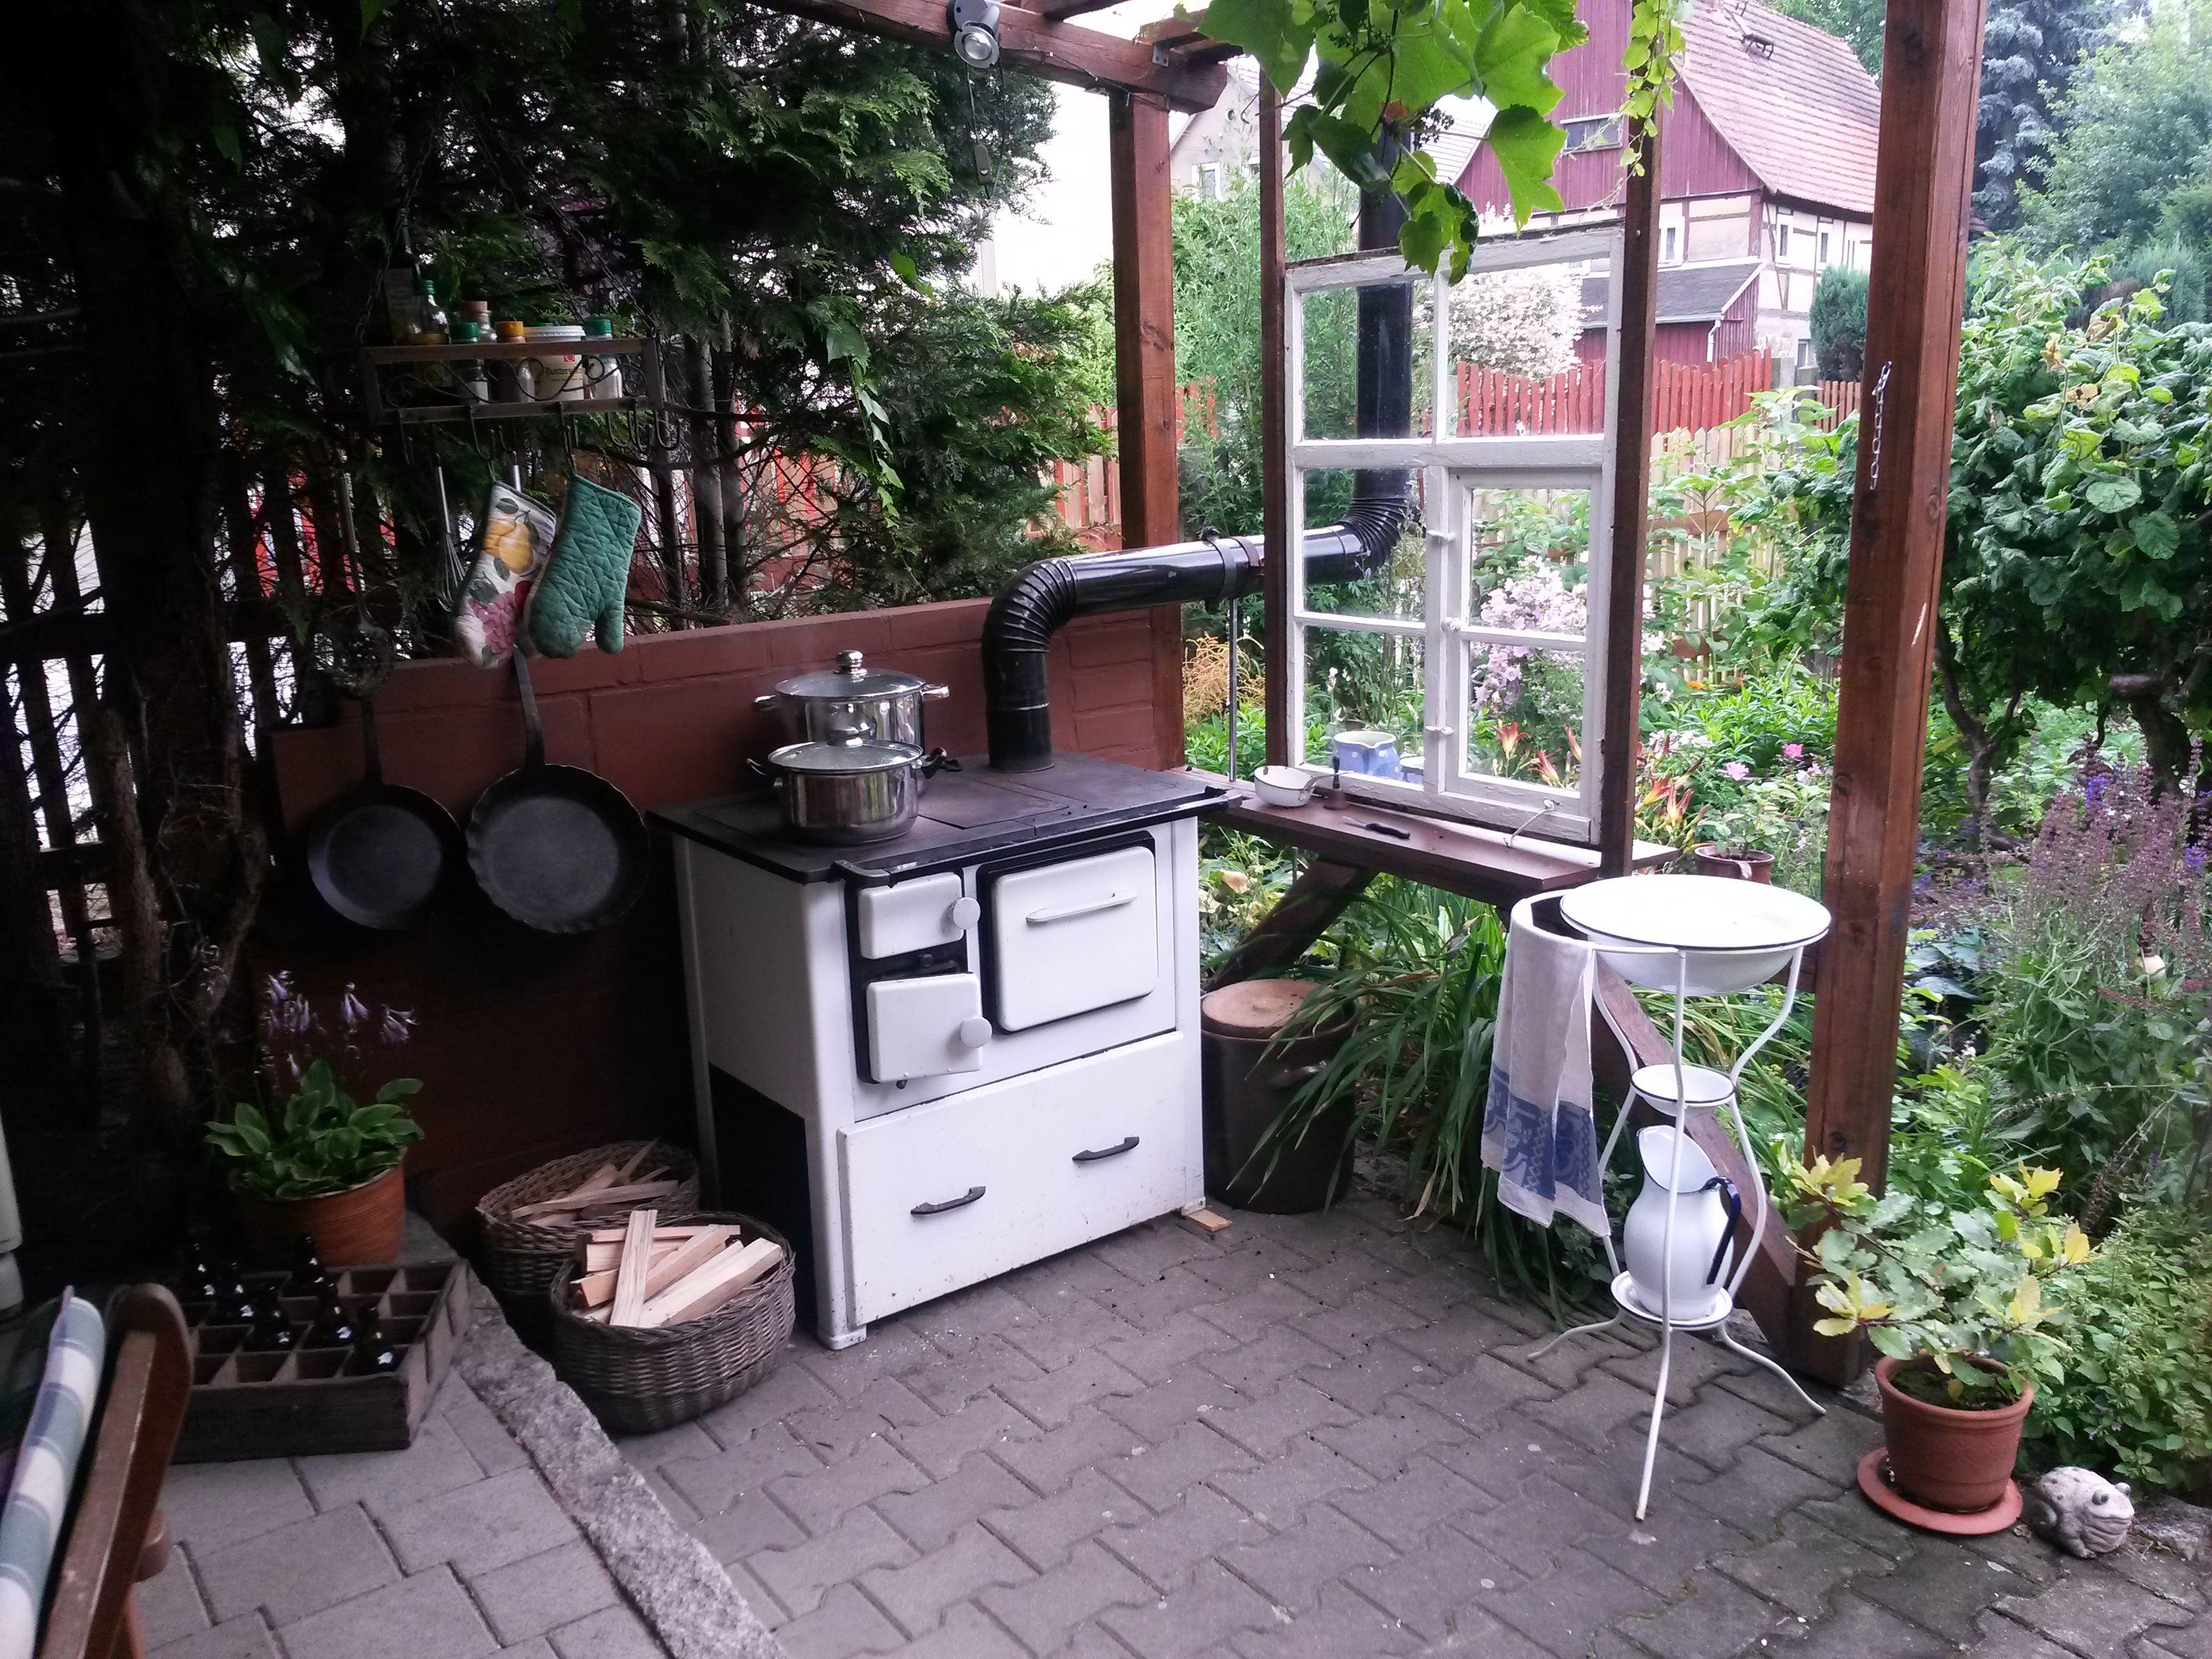 Outdoor Küche Steinmauer : Fliesenbild kuche asian stonewall steinmauer helle steinwand u eu e